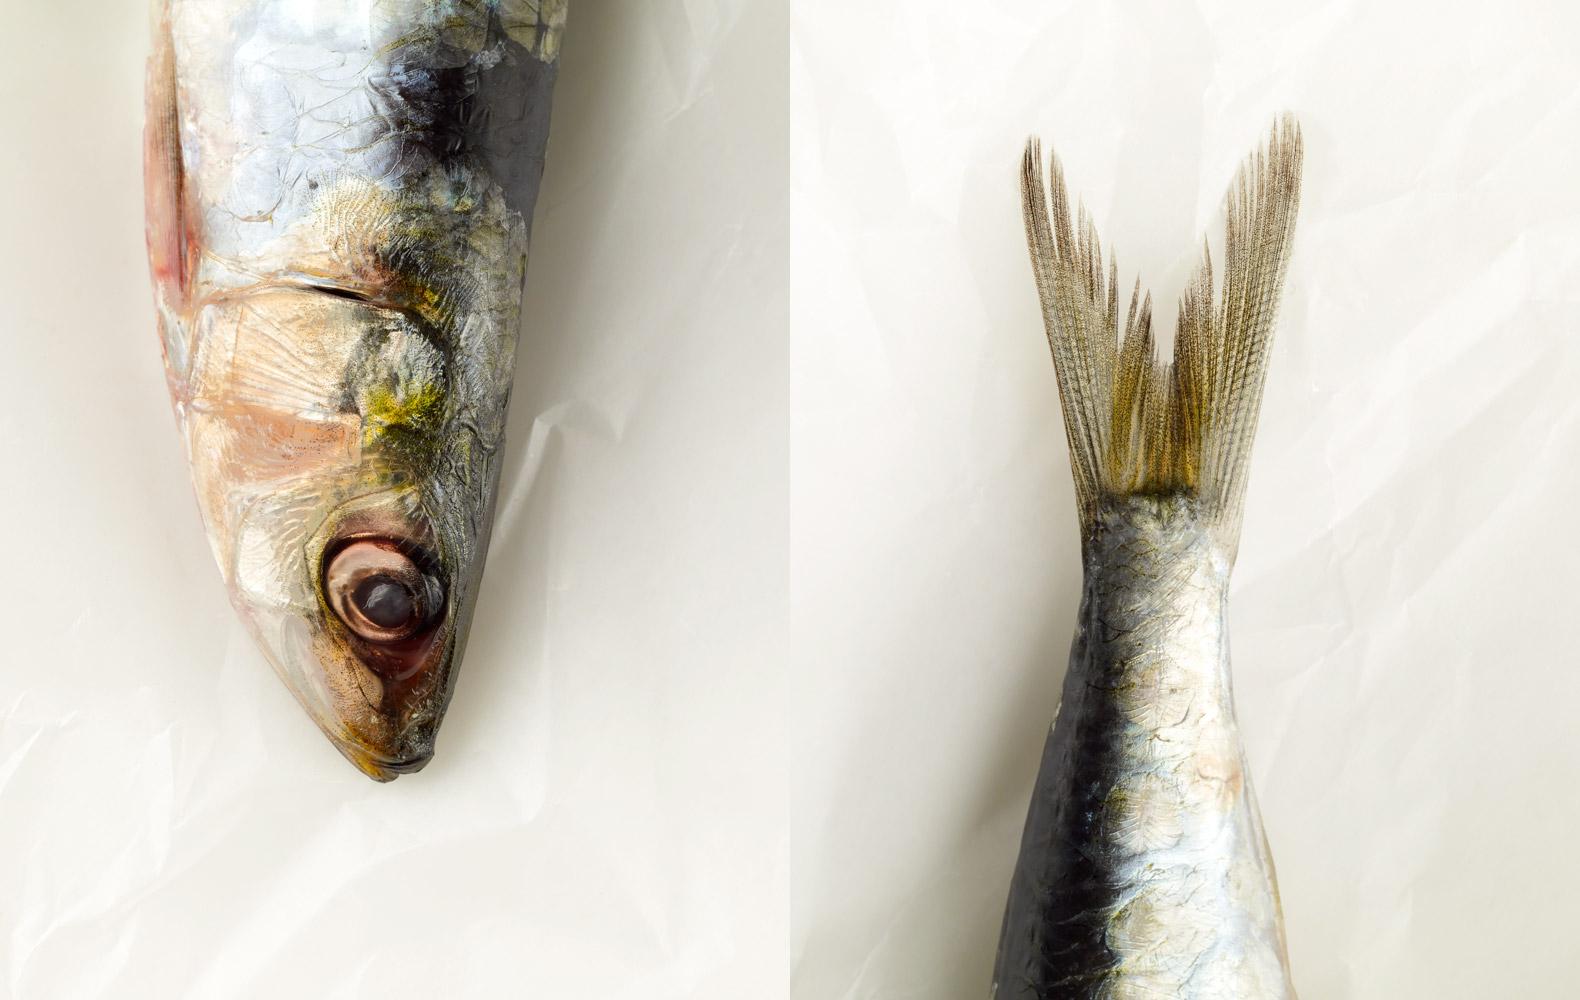 E_24-81_081030-Sardines-on-Marble-0049.jpg